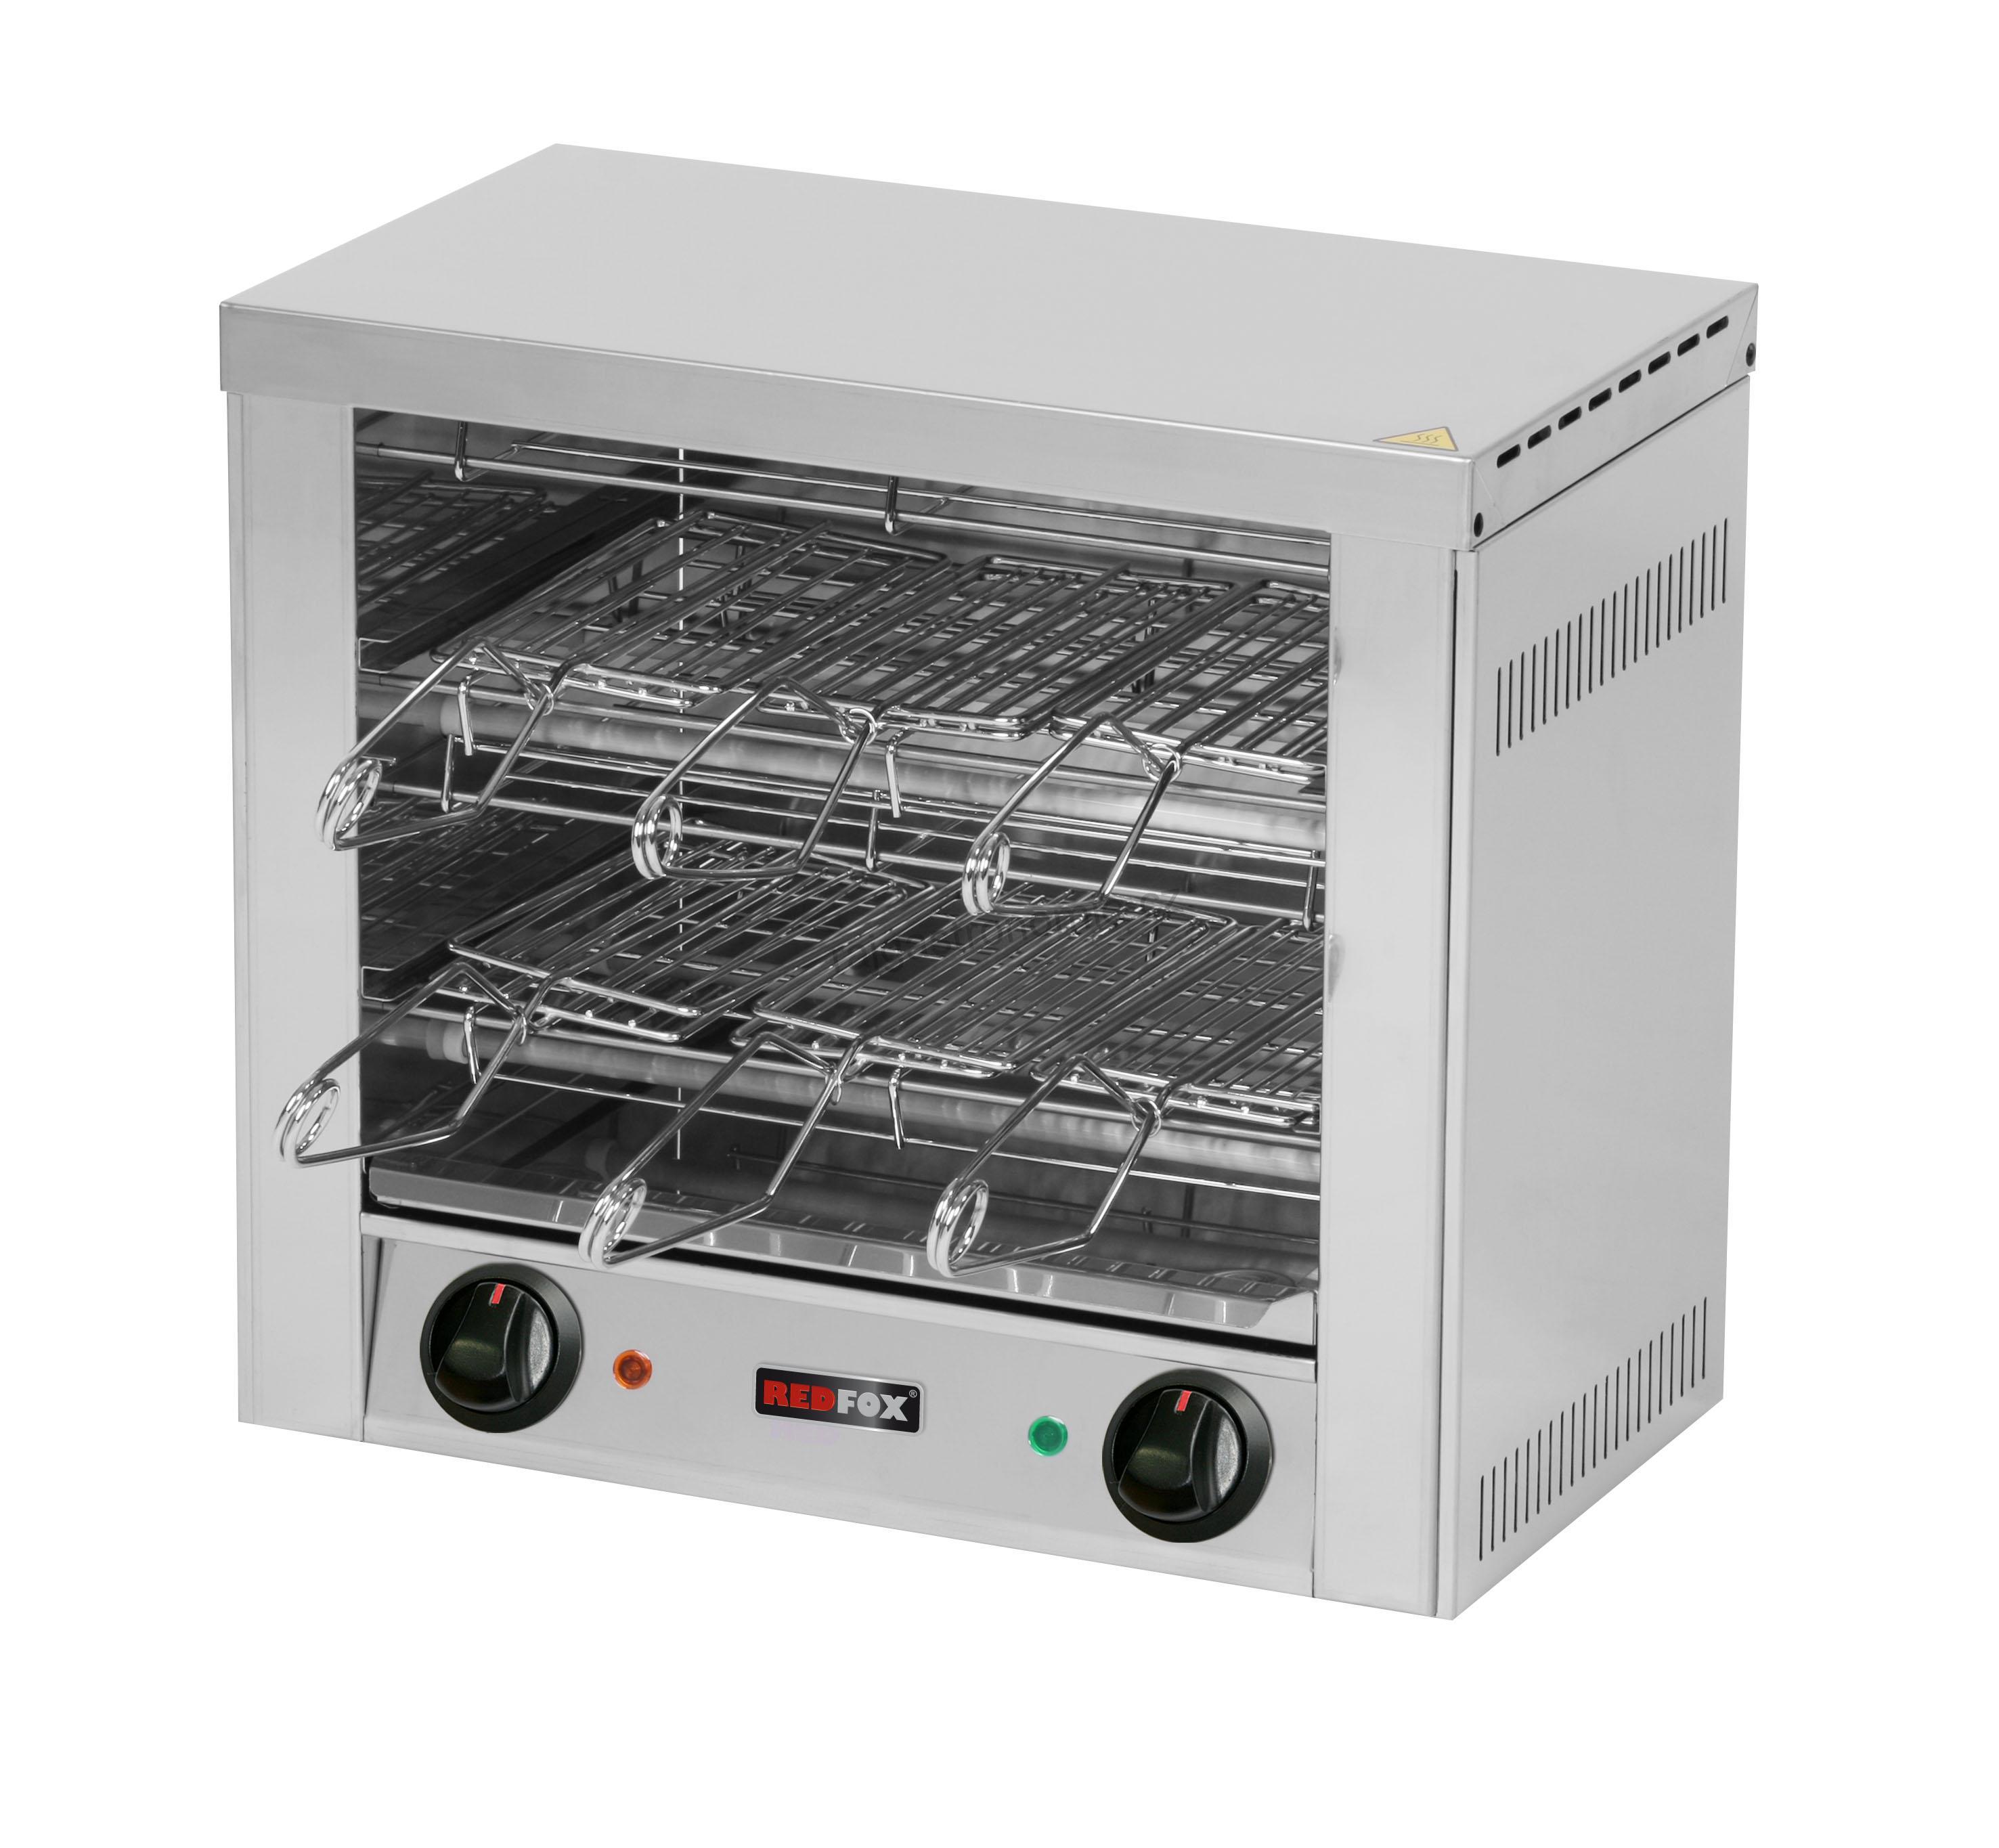 Toaster 6x kleště, rošt TO 960 GH